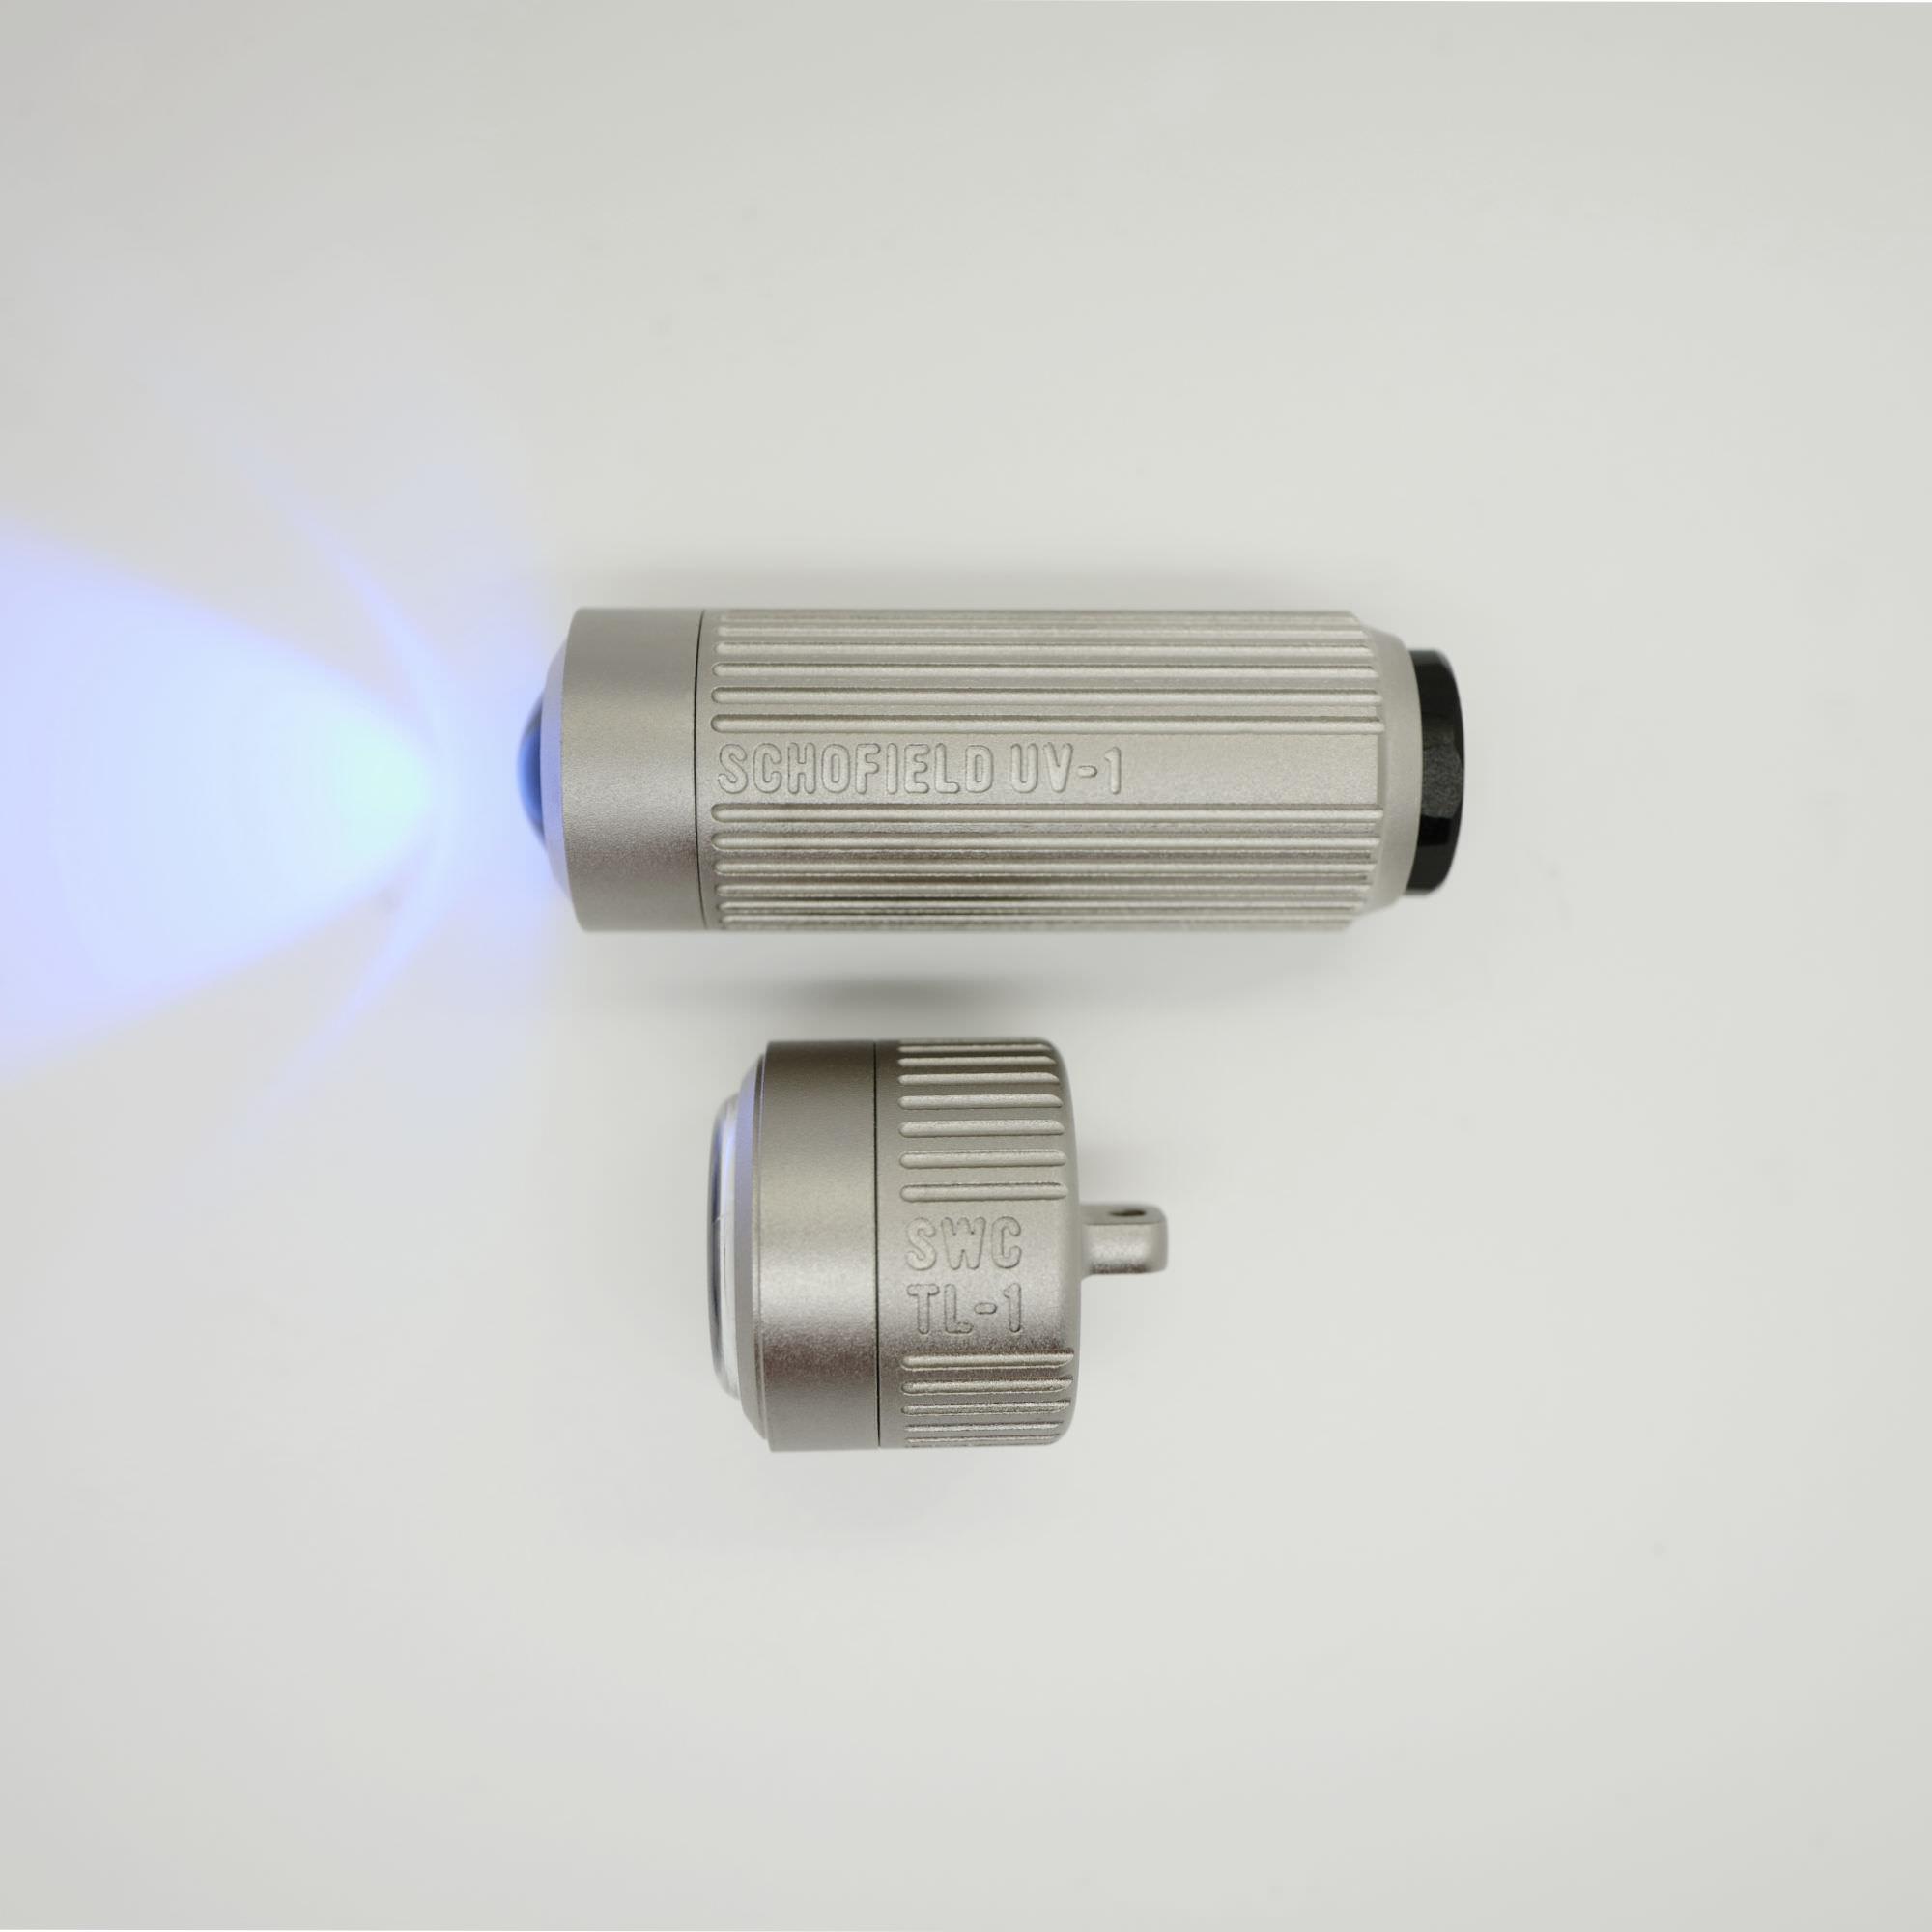 UV-1 + TL-1